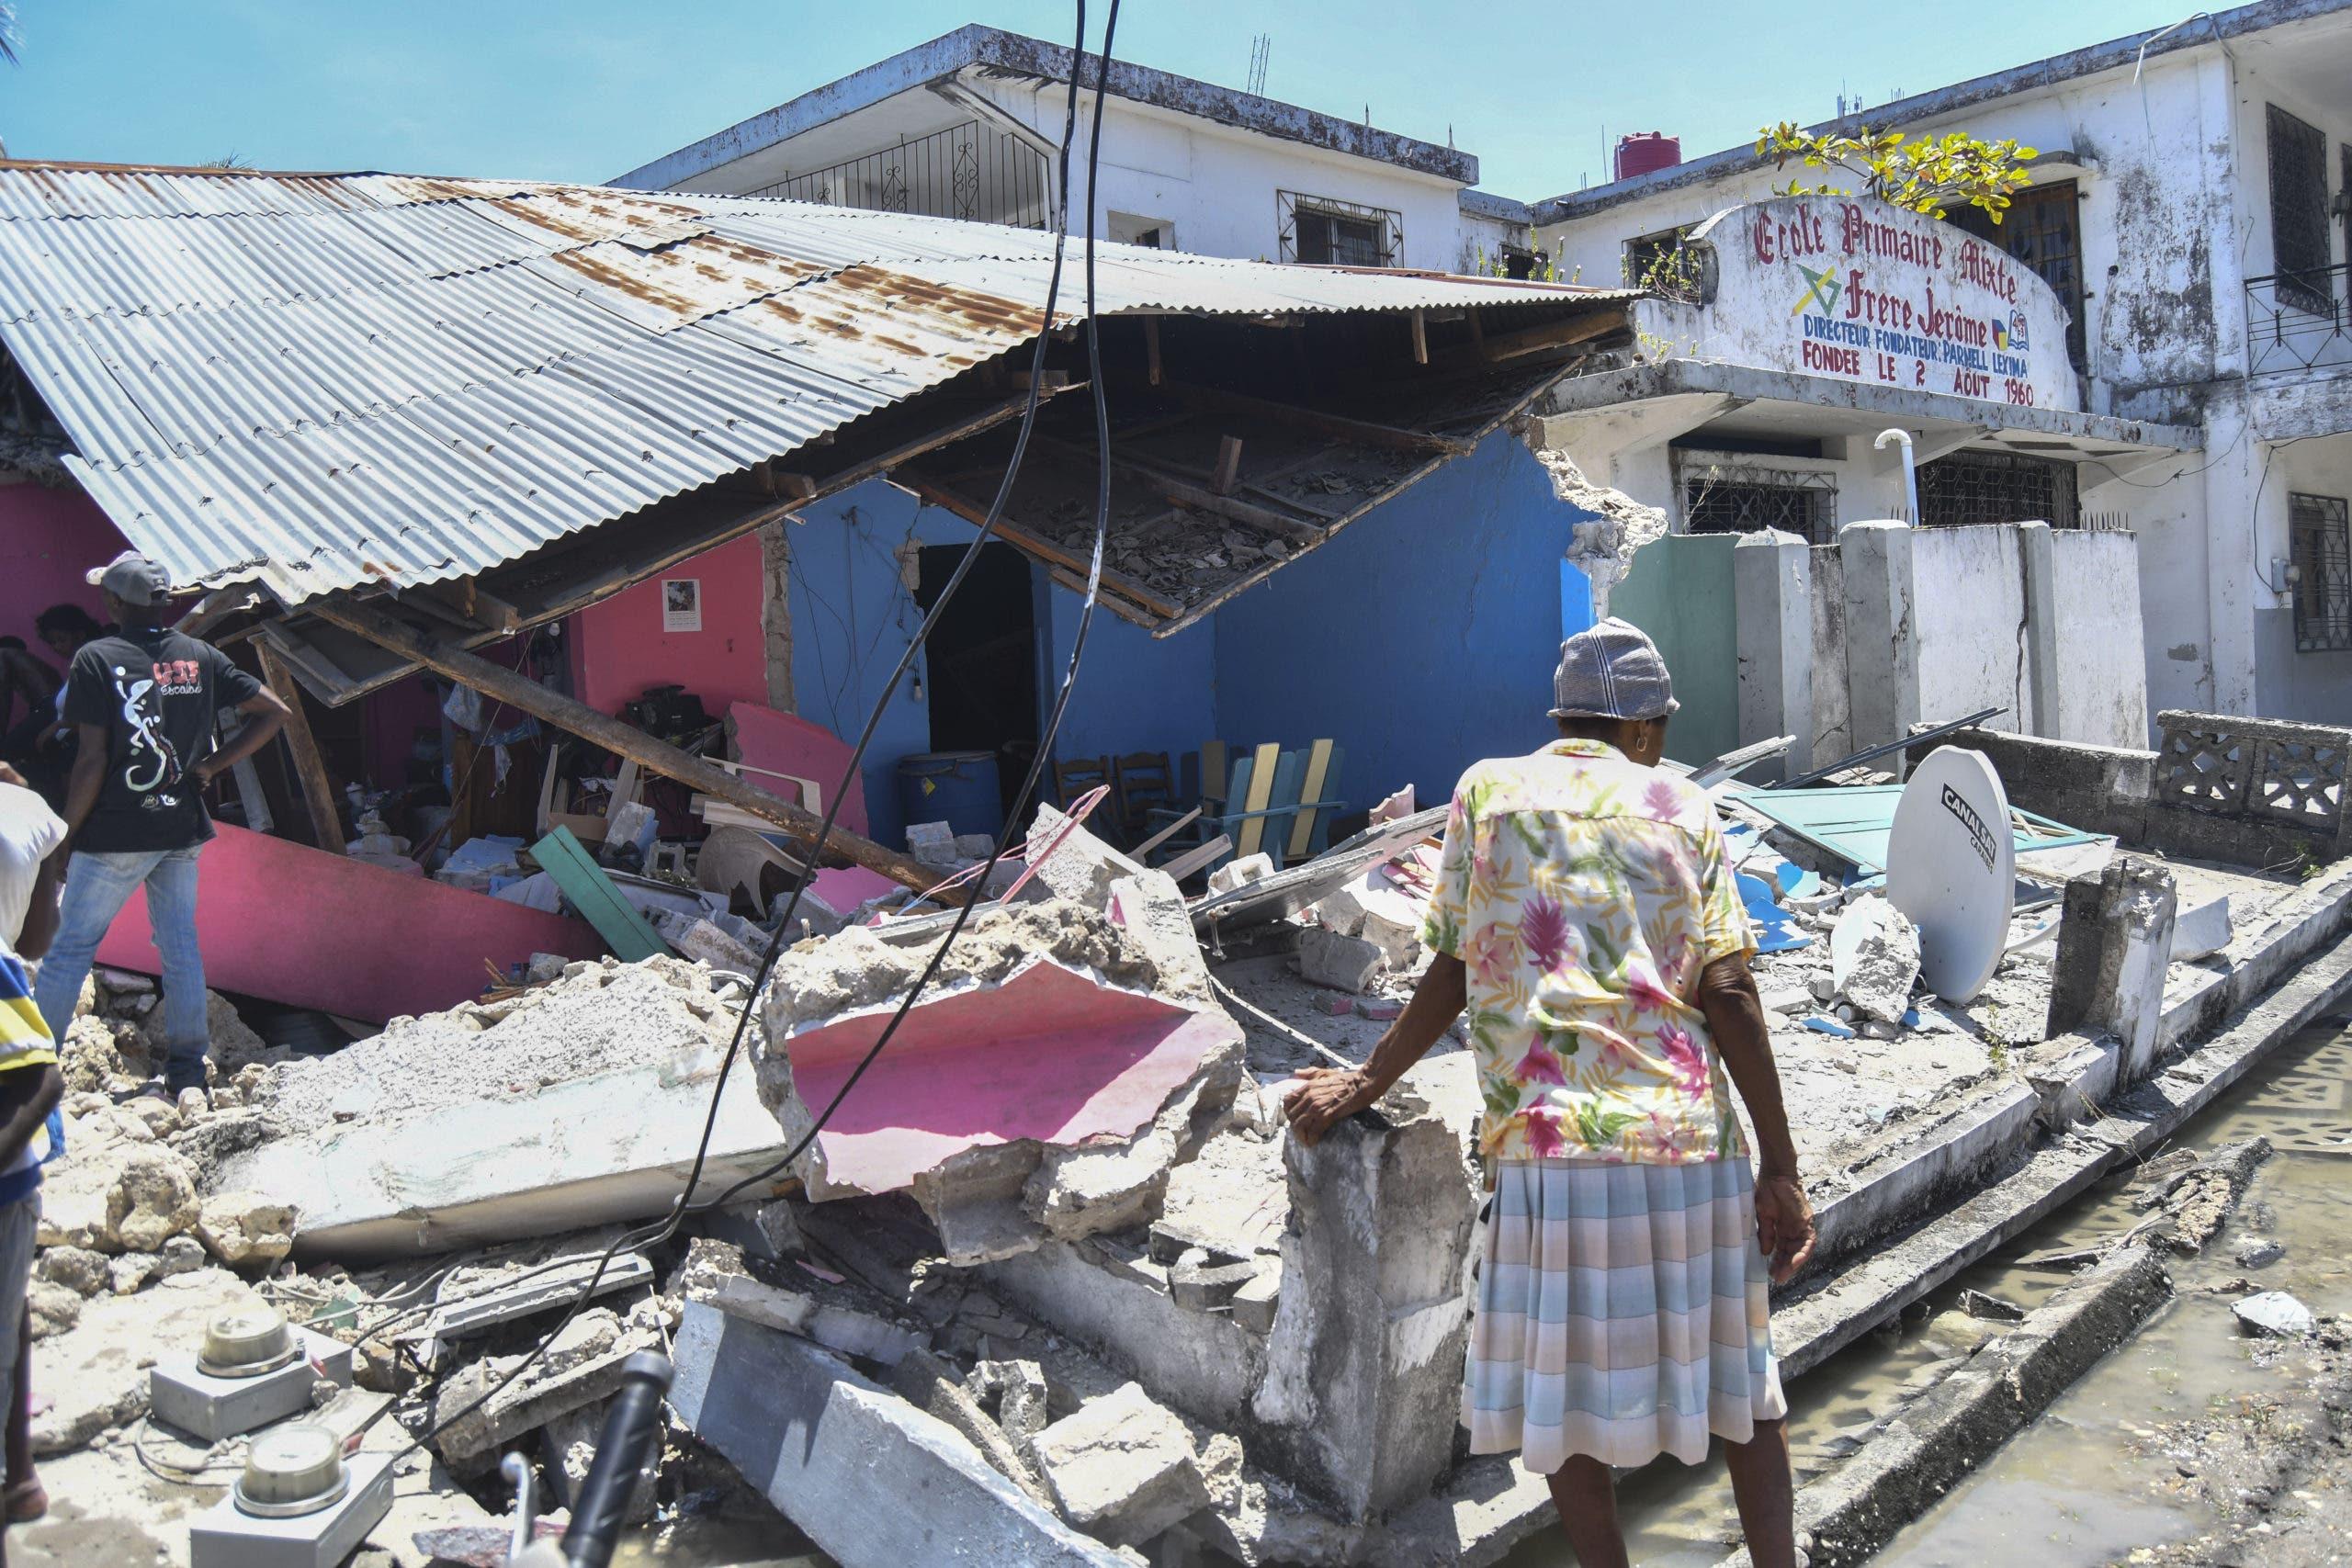 Países de la OEA prometen apoyo para reconstrucción de Haití tras terremoto